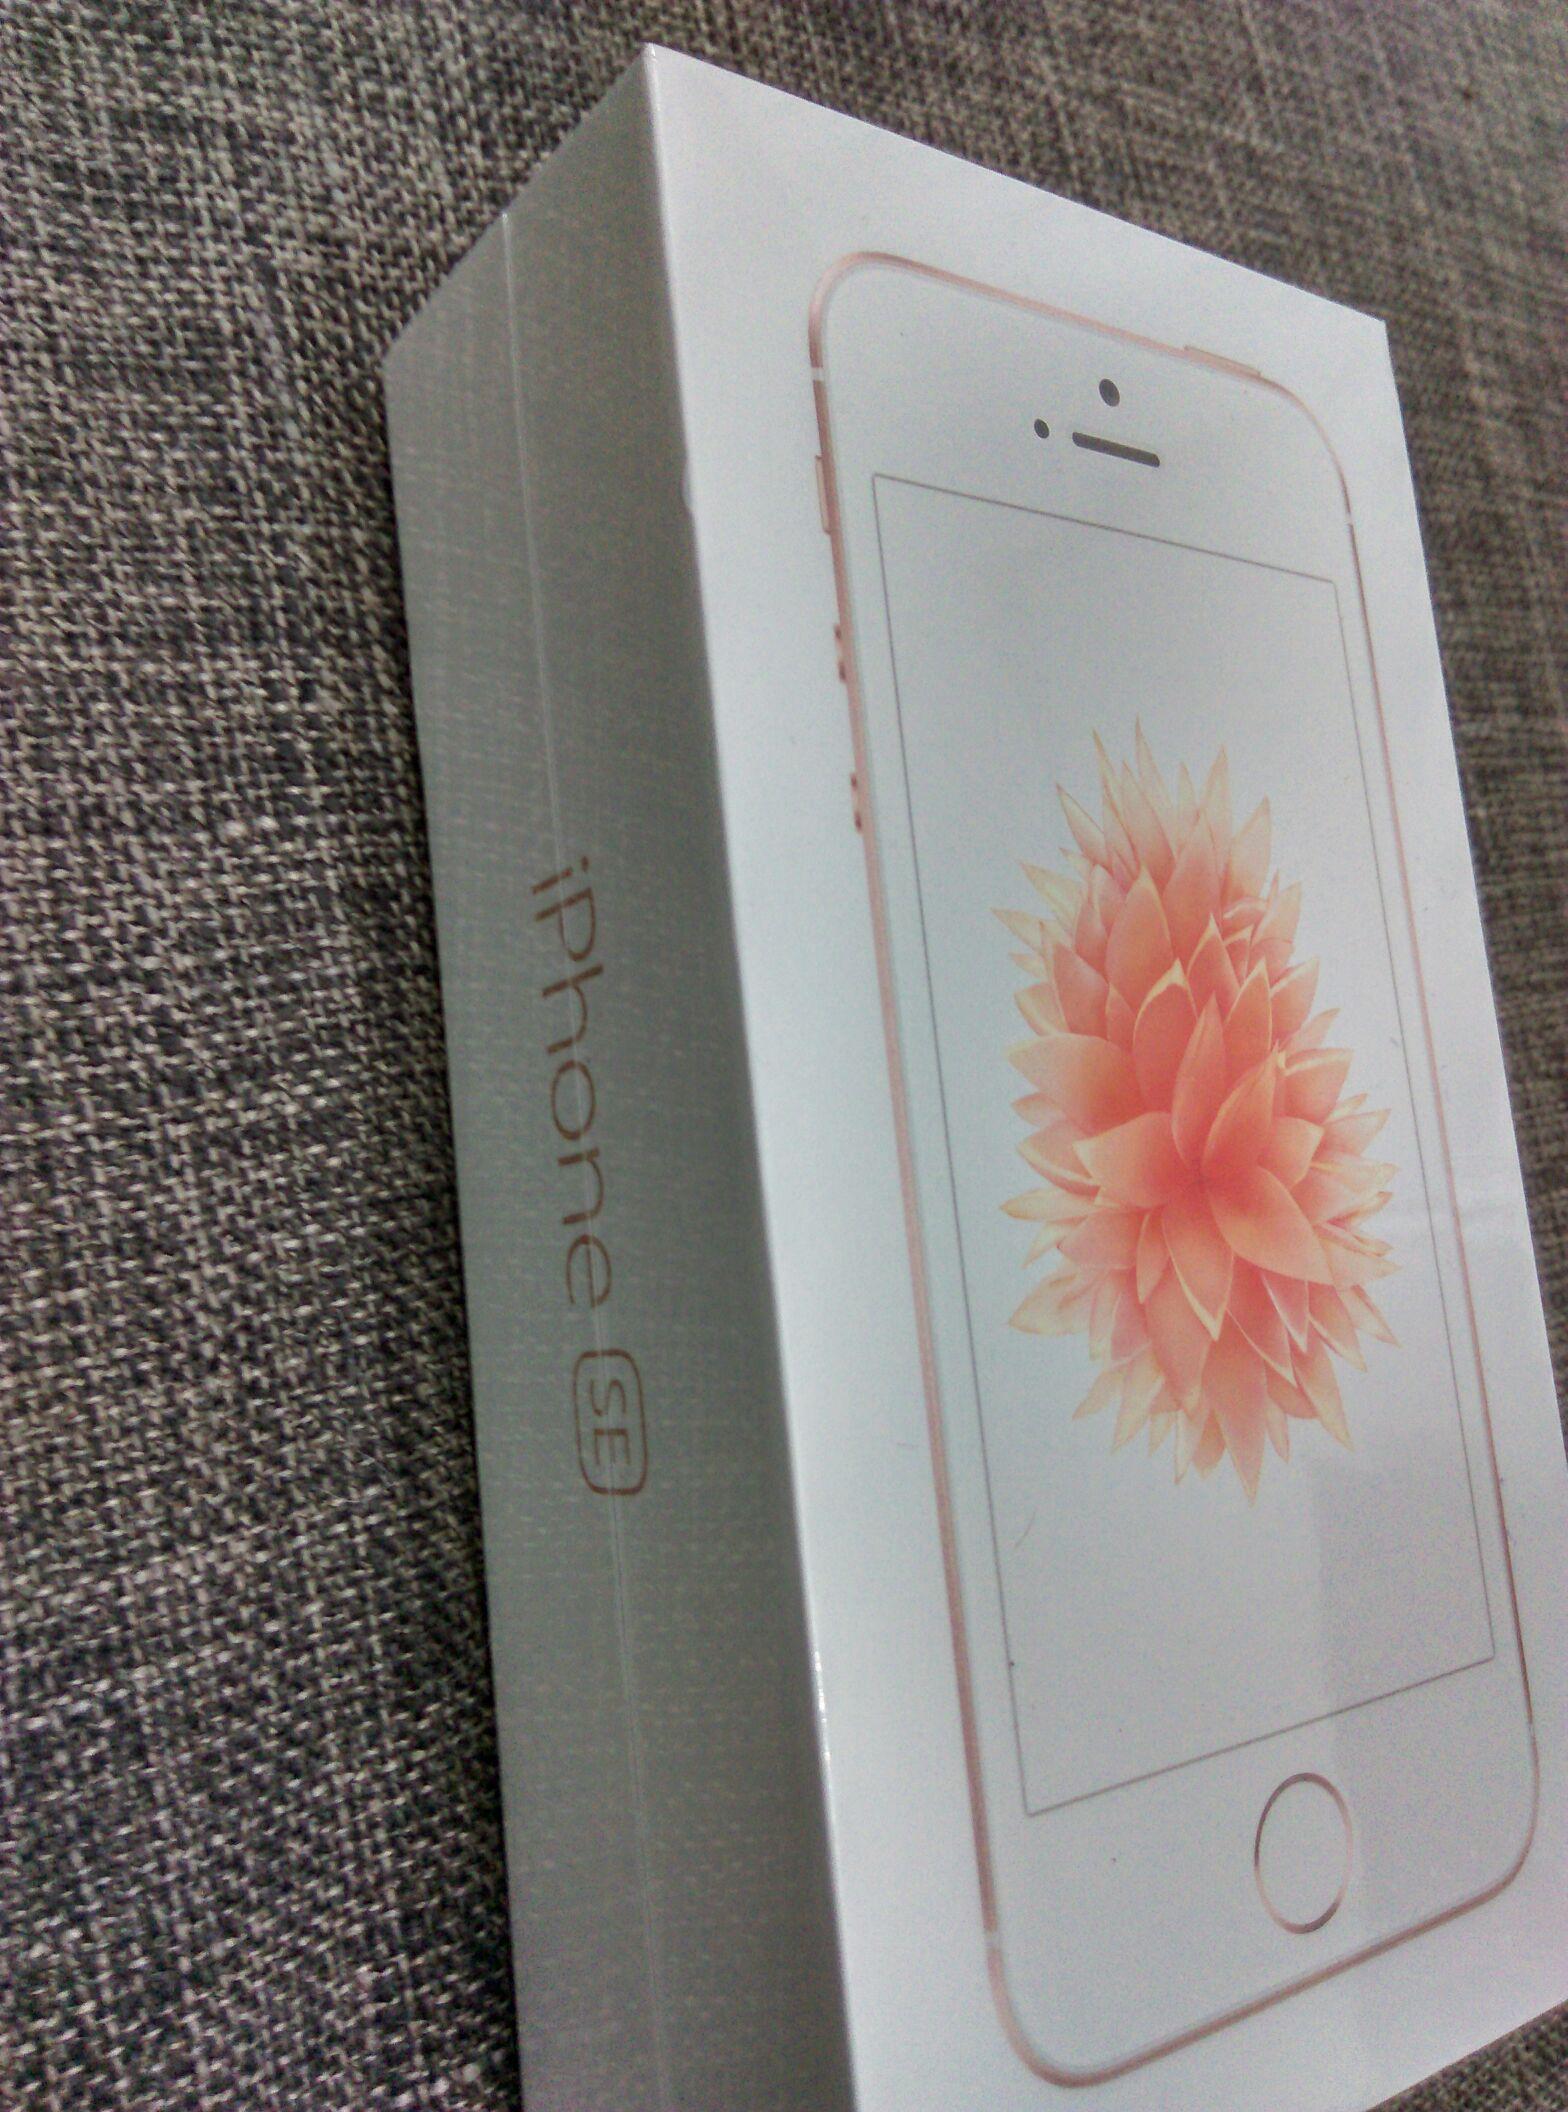 La Comer: iPhone SE 32 GB de $6,499 con $1,800 de bonificacion